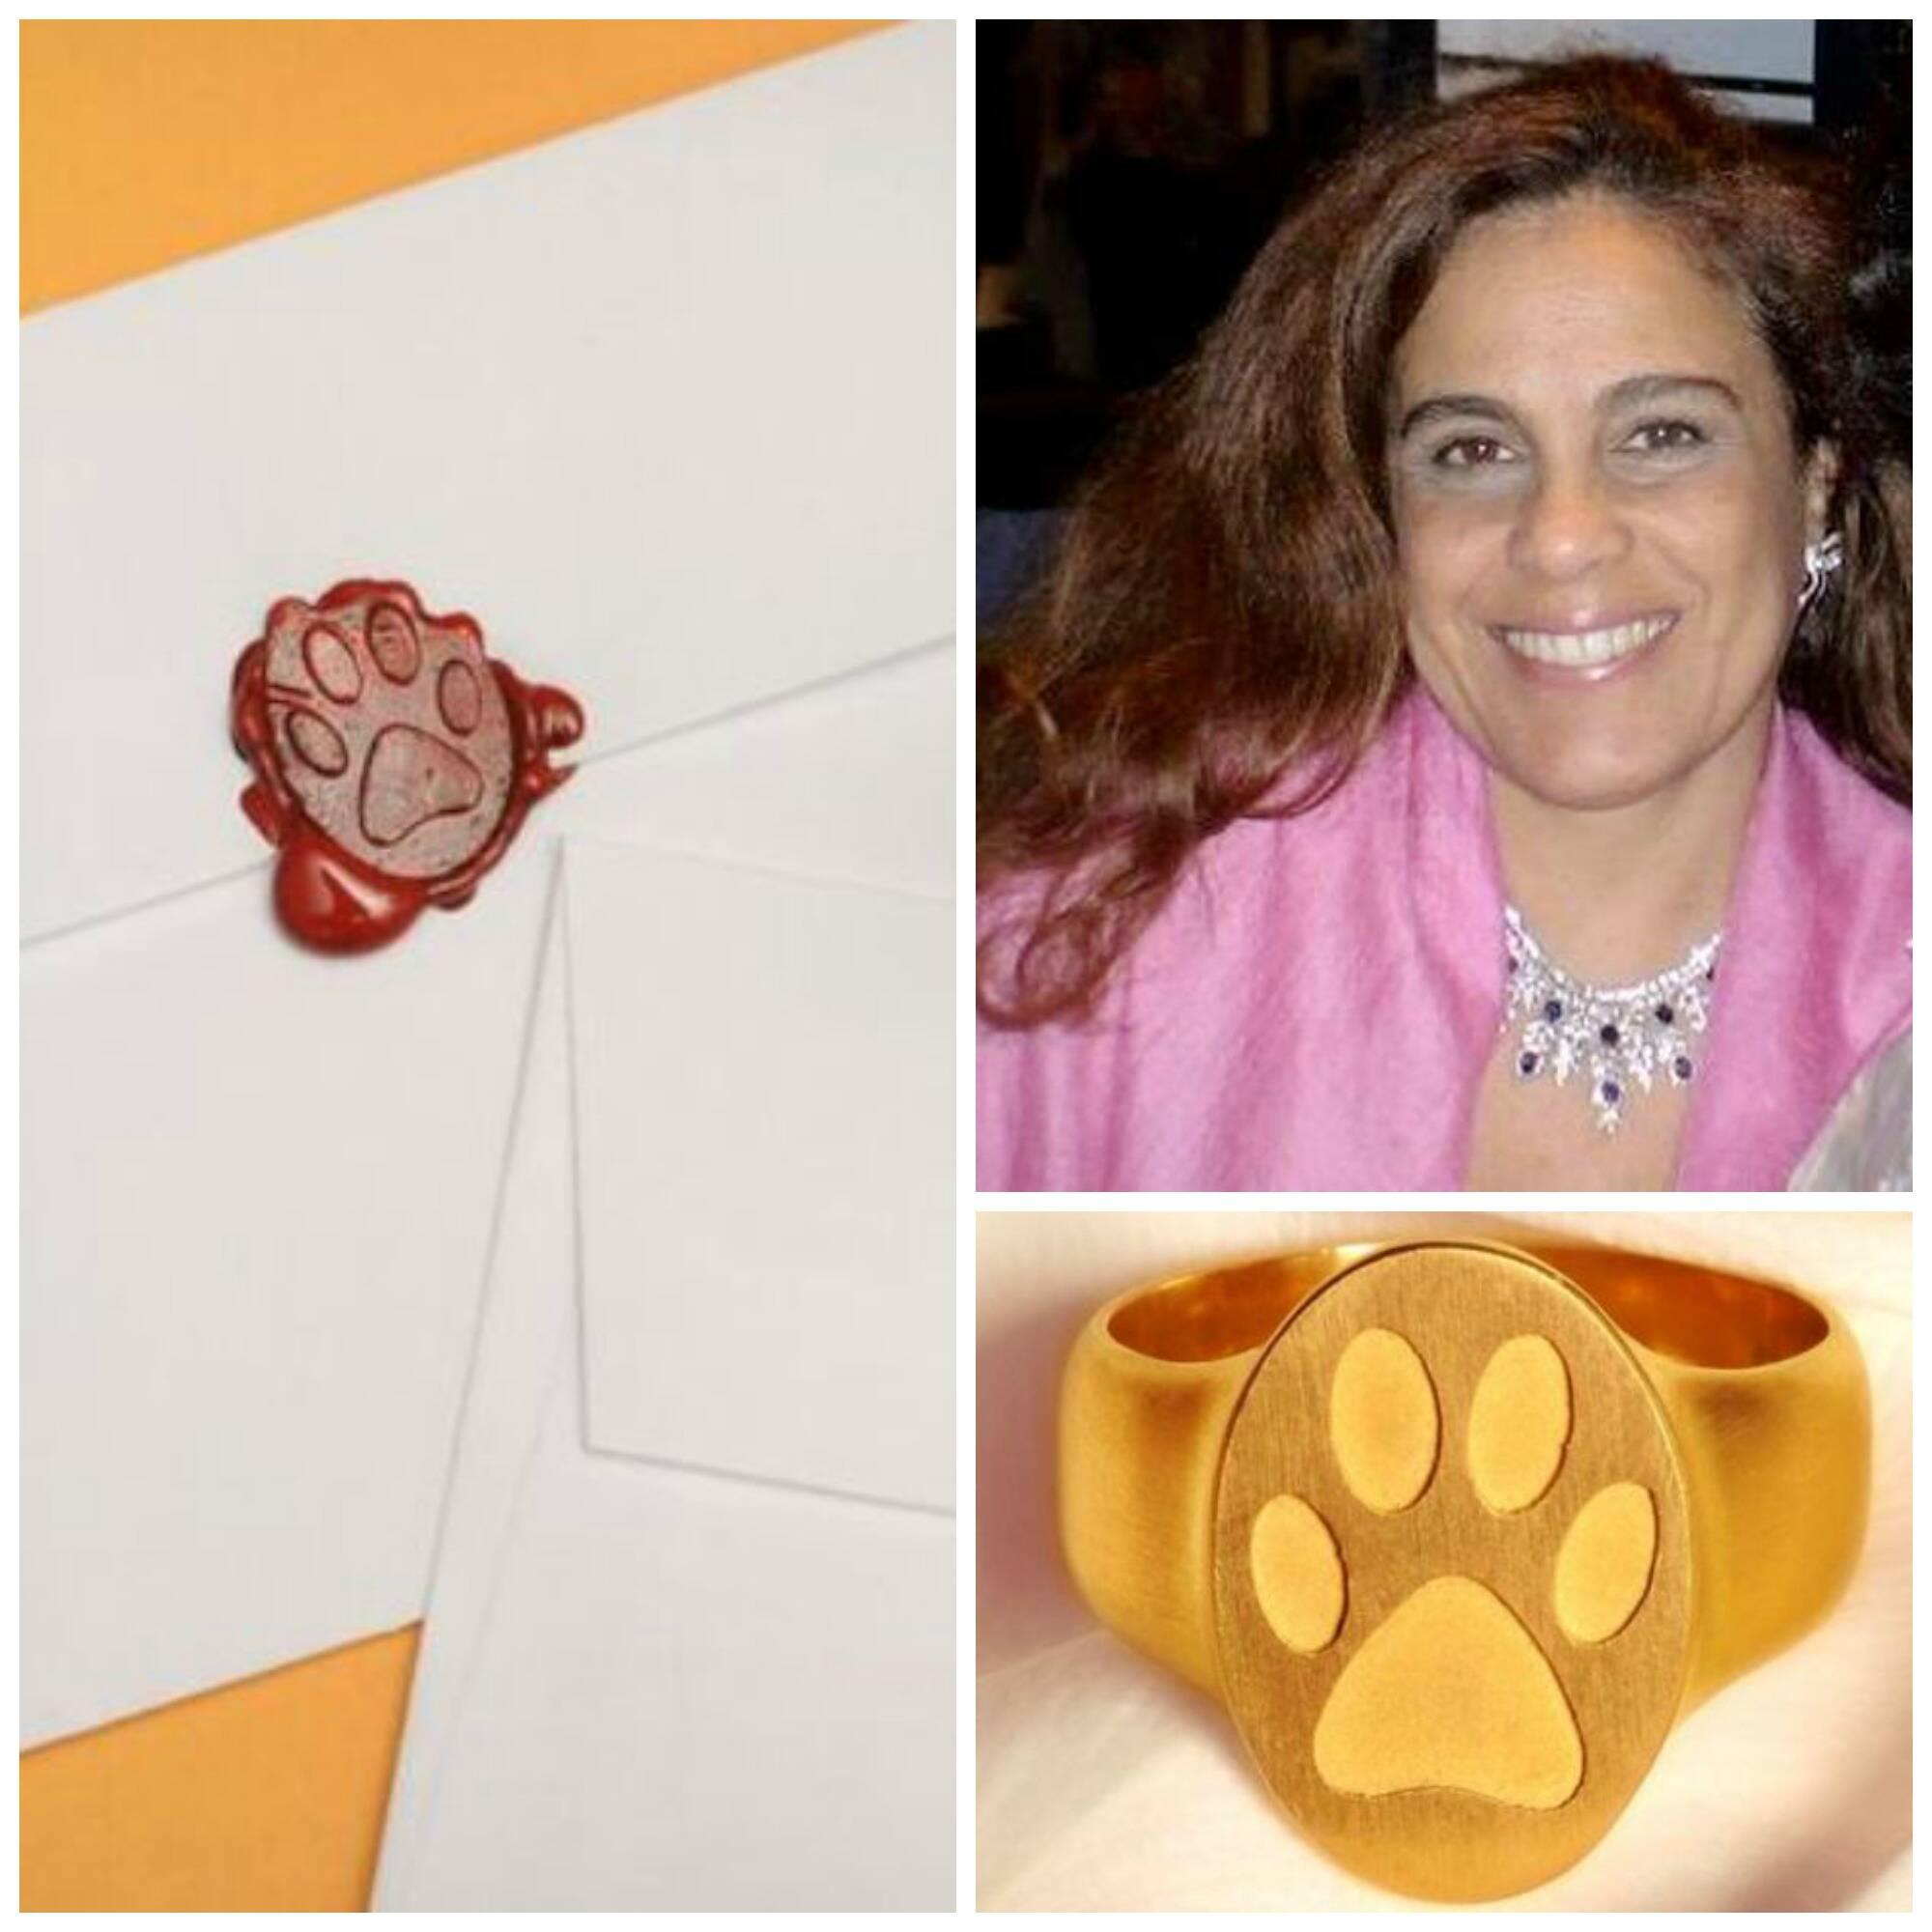 Tereza Xavier e o anel-sinete de sua nova coleção, que marca a correspondência com a patinha animal / Foto: divulgação